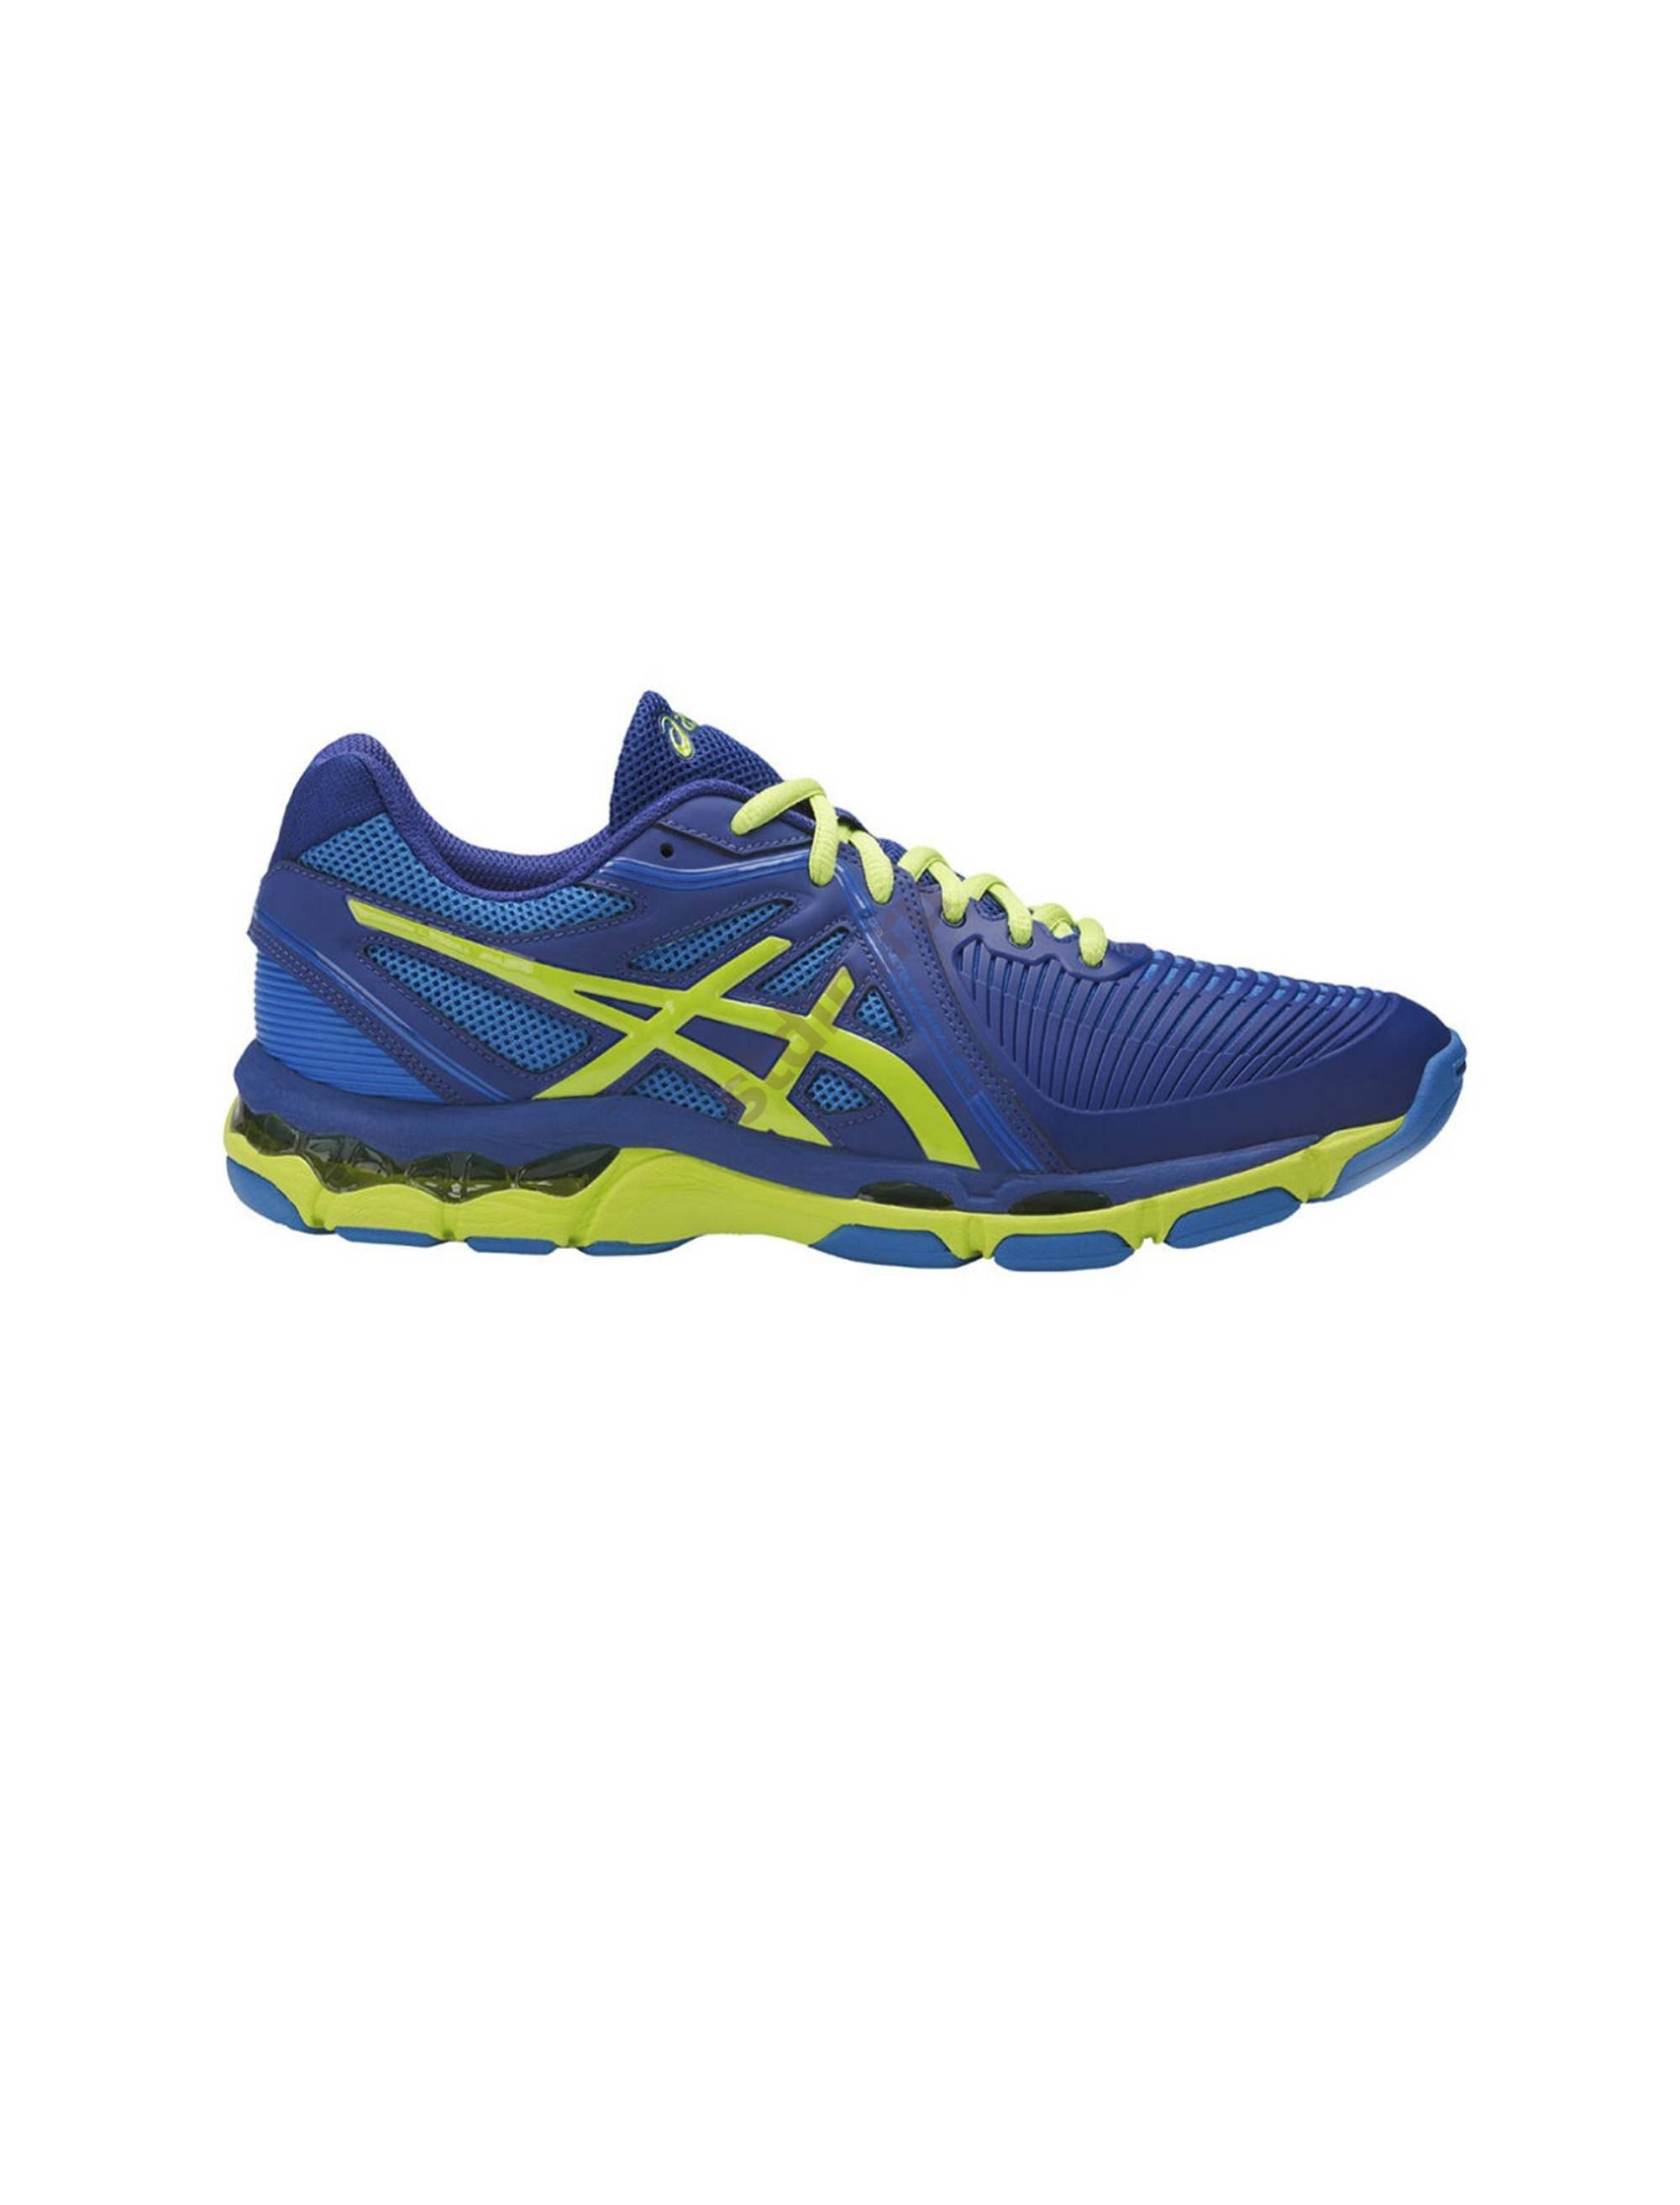 کفش والیبال بندی مردانه GLNTBRNRBLLSTC - اسیکس